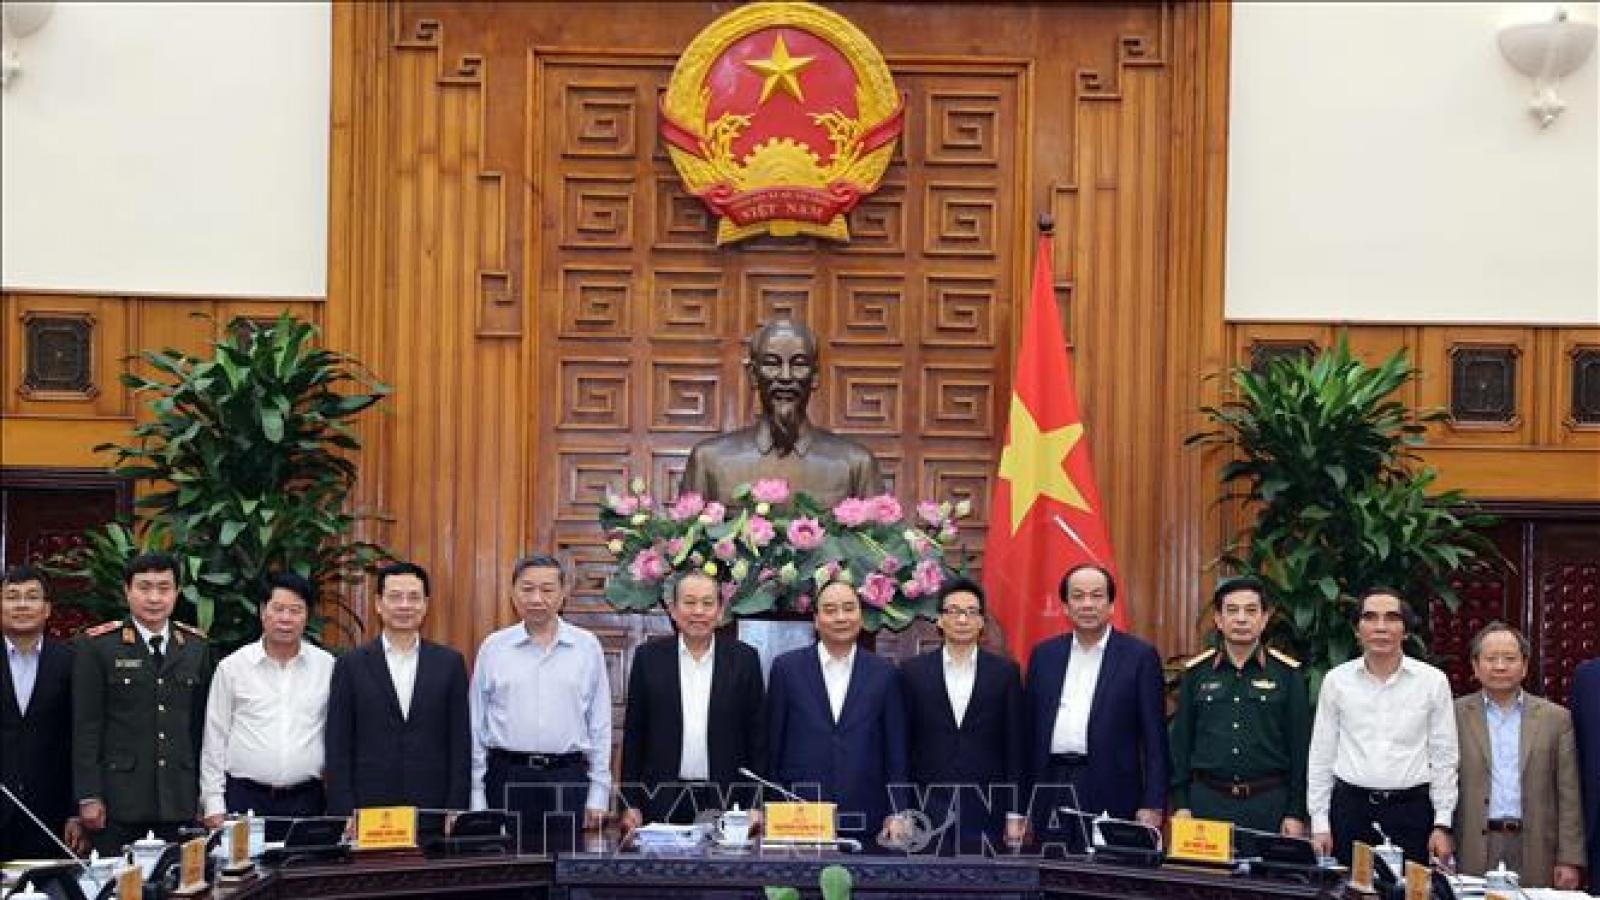 Thủ tướng Nguyễn Xuân Phúc chủ trì họp Ban Chỉ đạo An toàn, An ninh mạng quốc gia